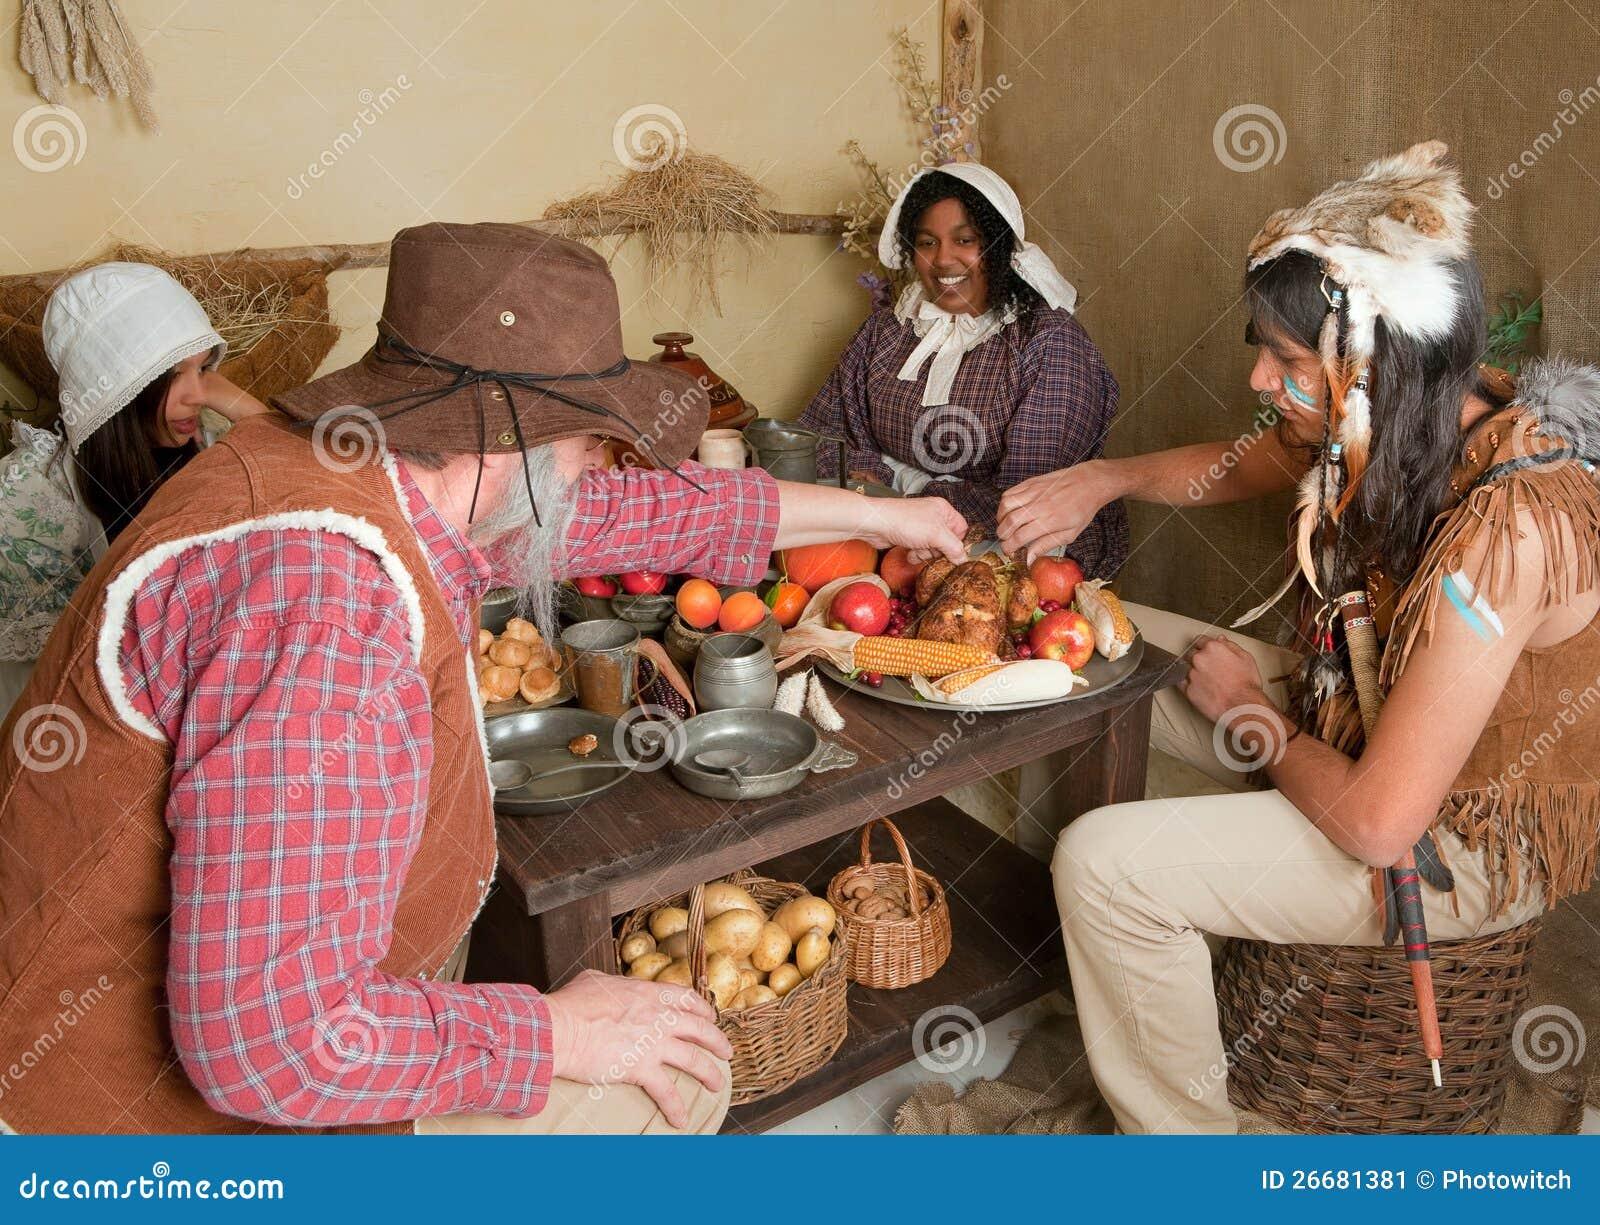 Thanksgiving Pilgrims Eating Stock Image Image 26681381